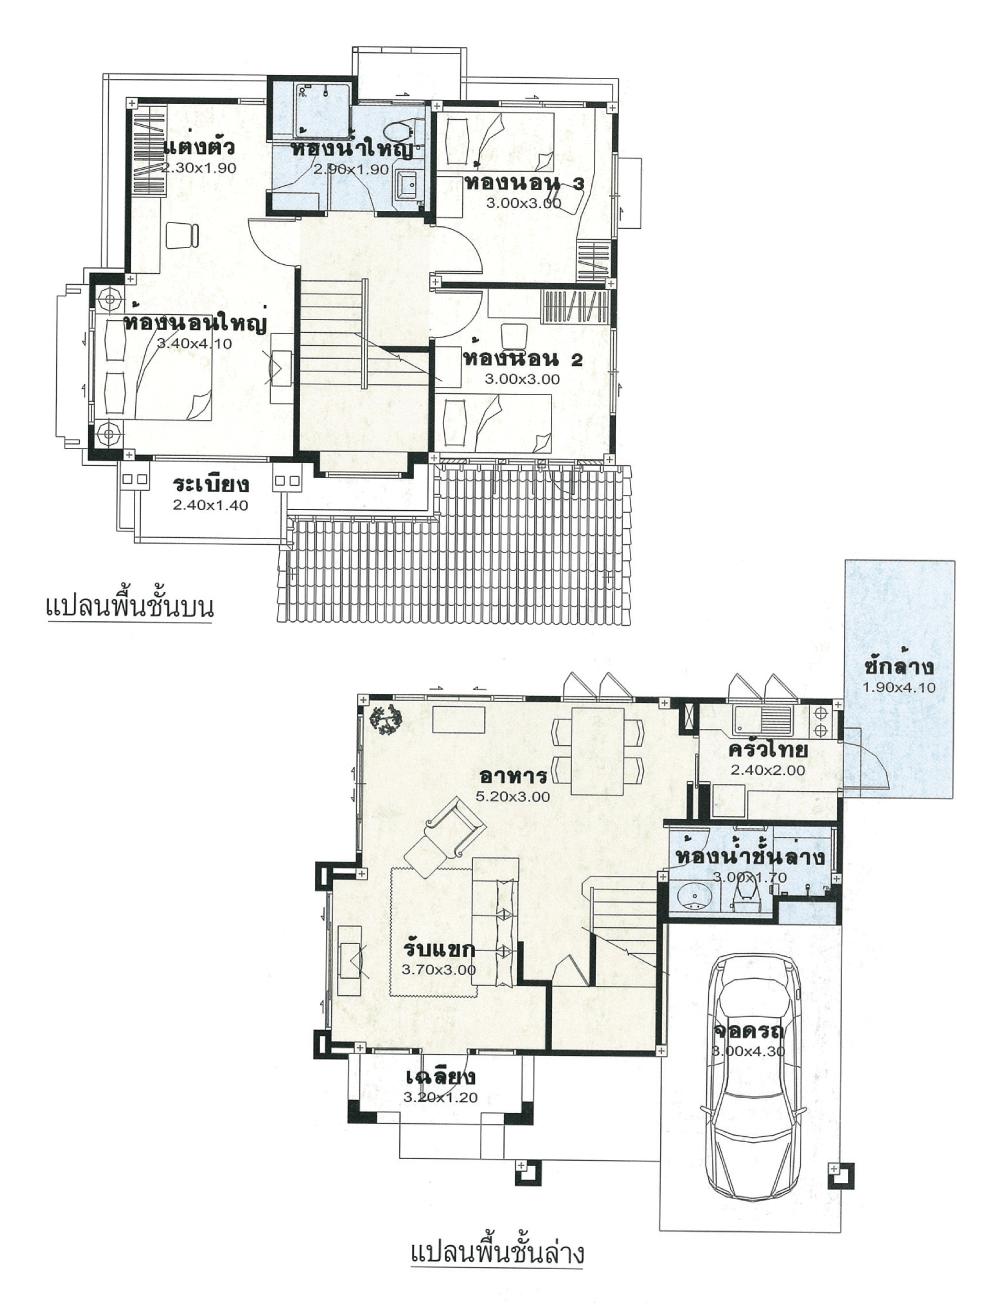 แบบบ้านสองชั้น 3 ห้องนอน 2 ห้องน้ำ 133 ตร.ม ราคา 1.33ล้าน (พลอยไข่มุก)